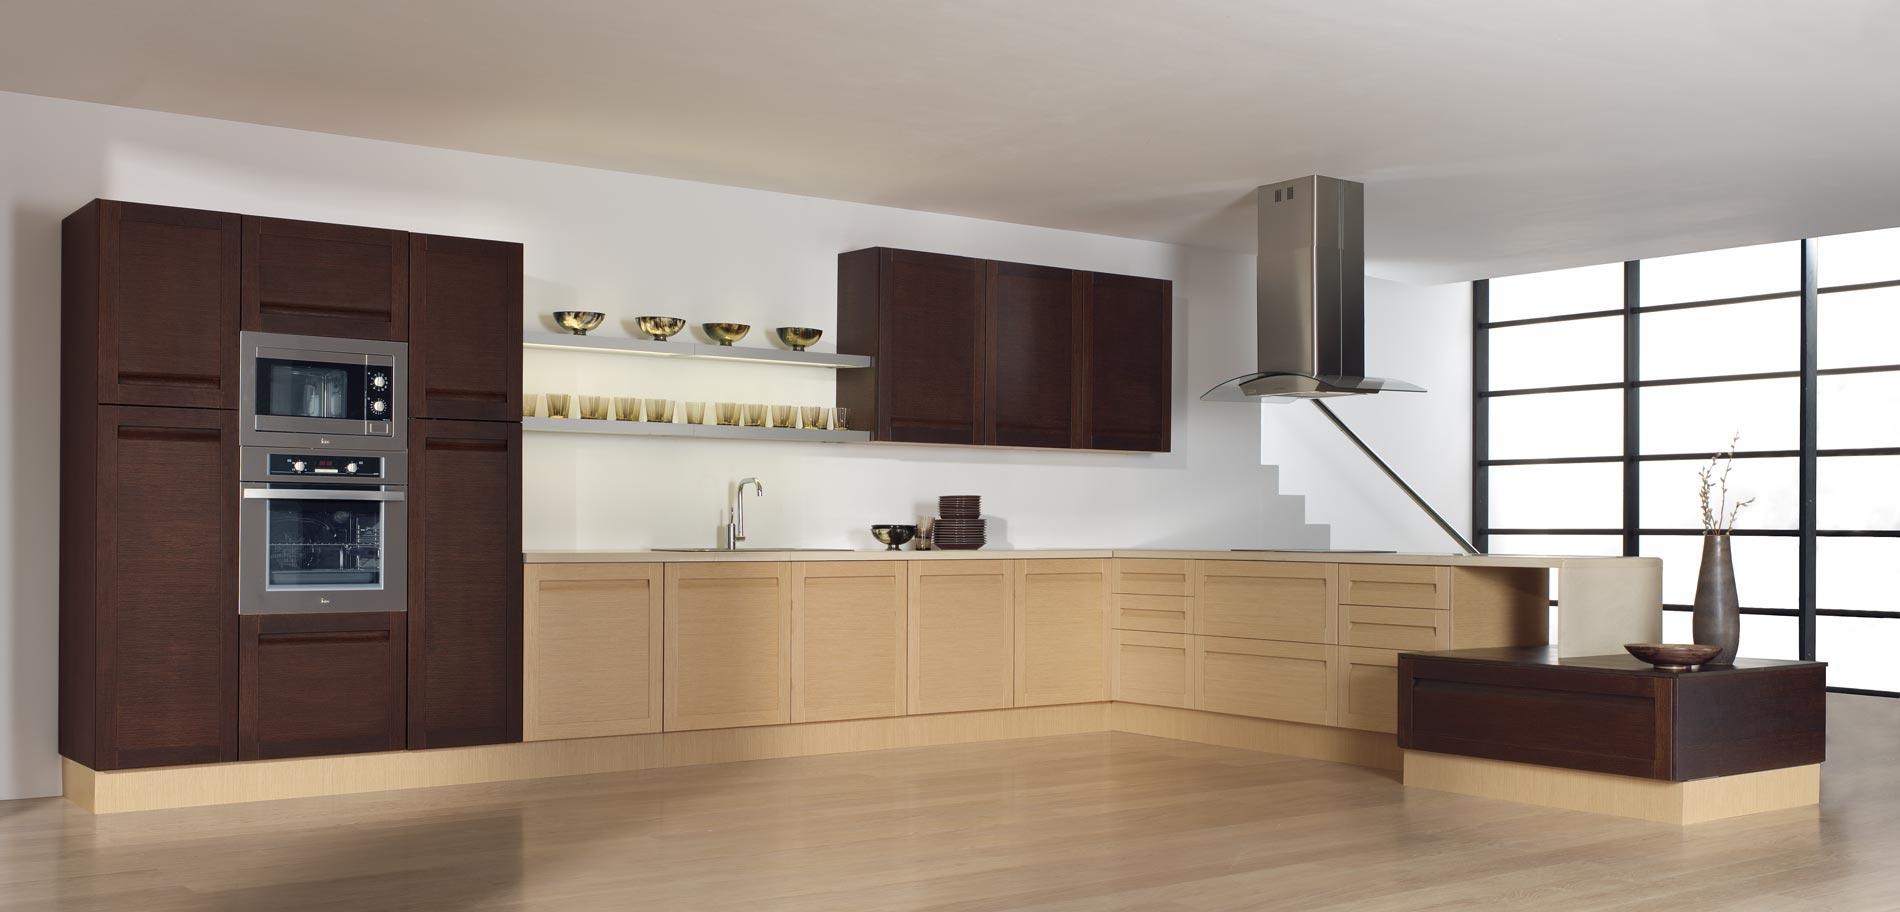 Cocinas Artemueble # Muebles Para Bijou